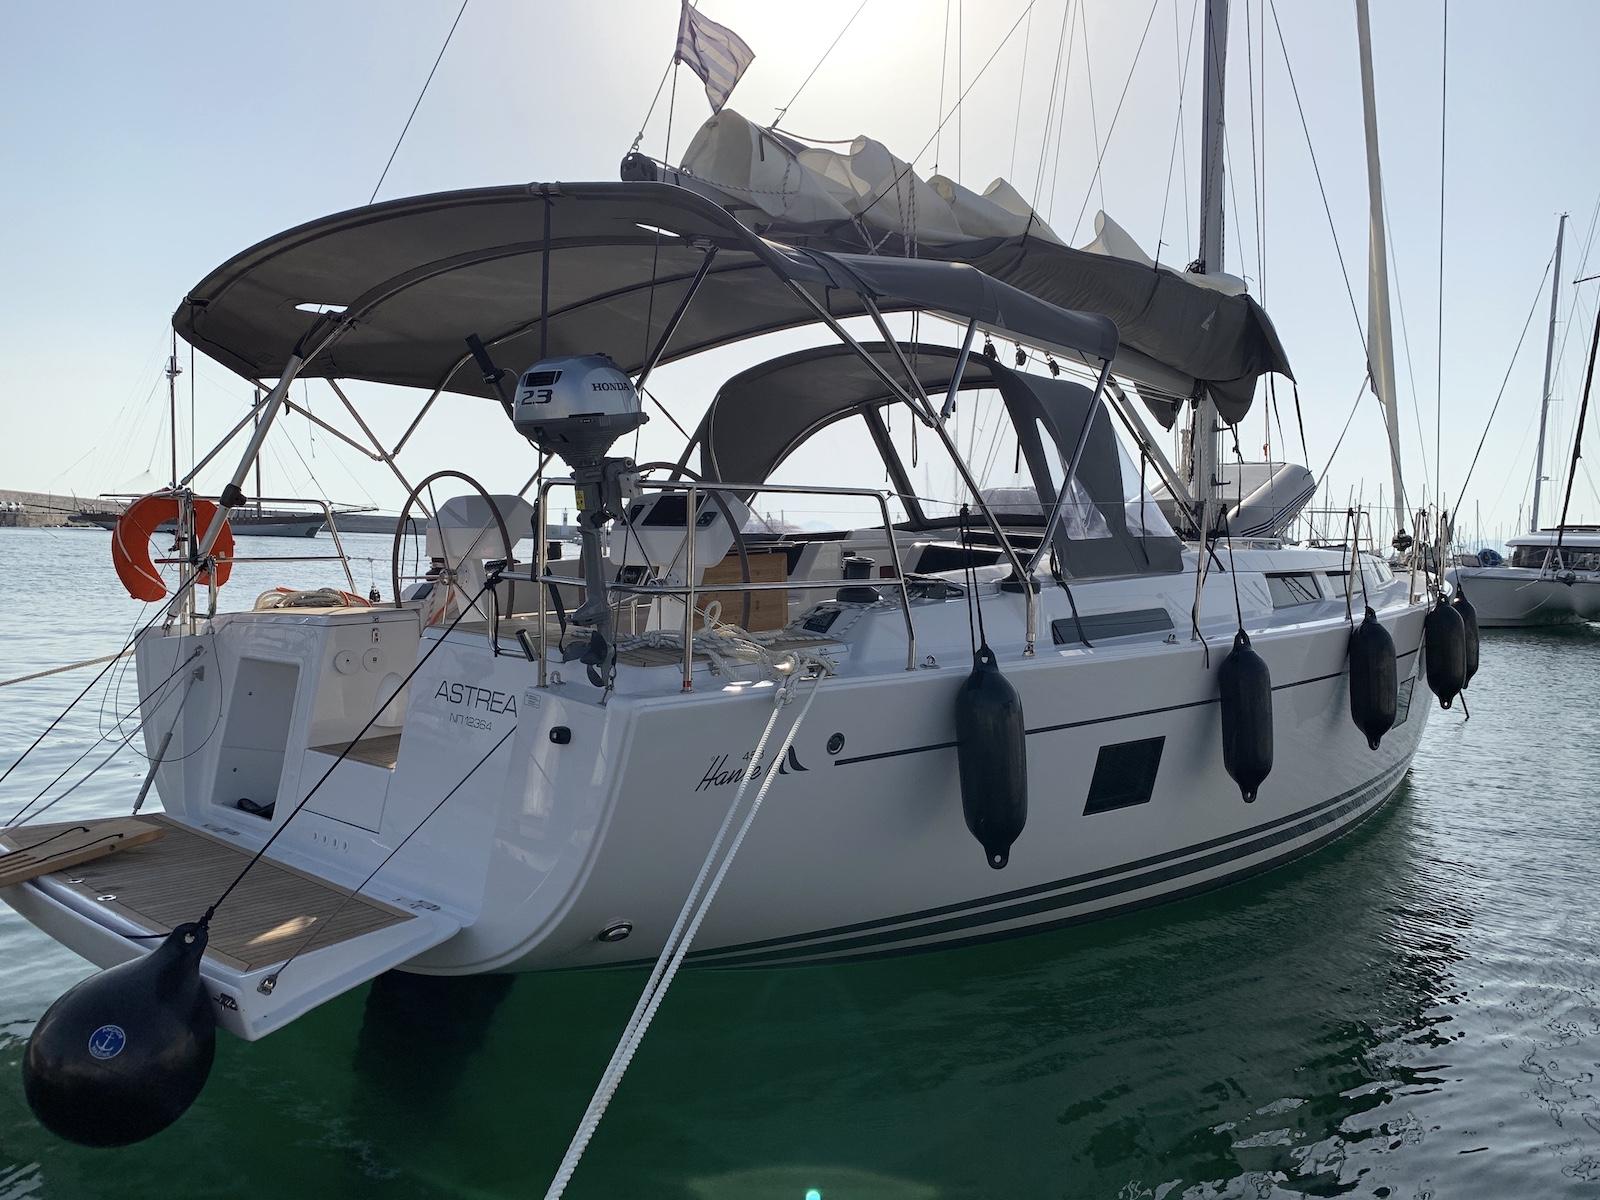 Yacht Astrea